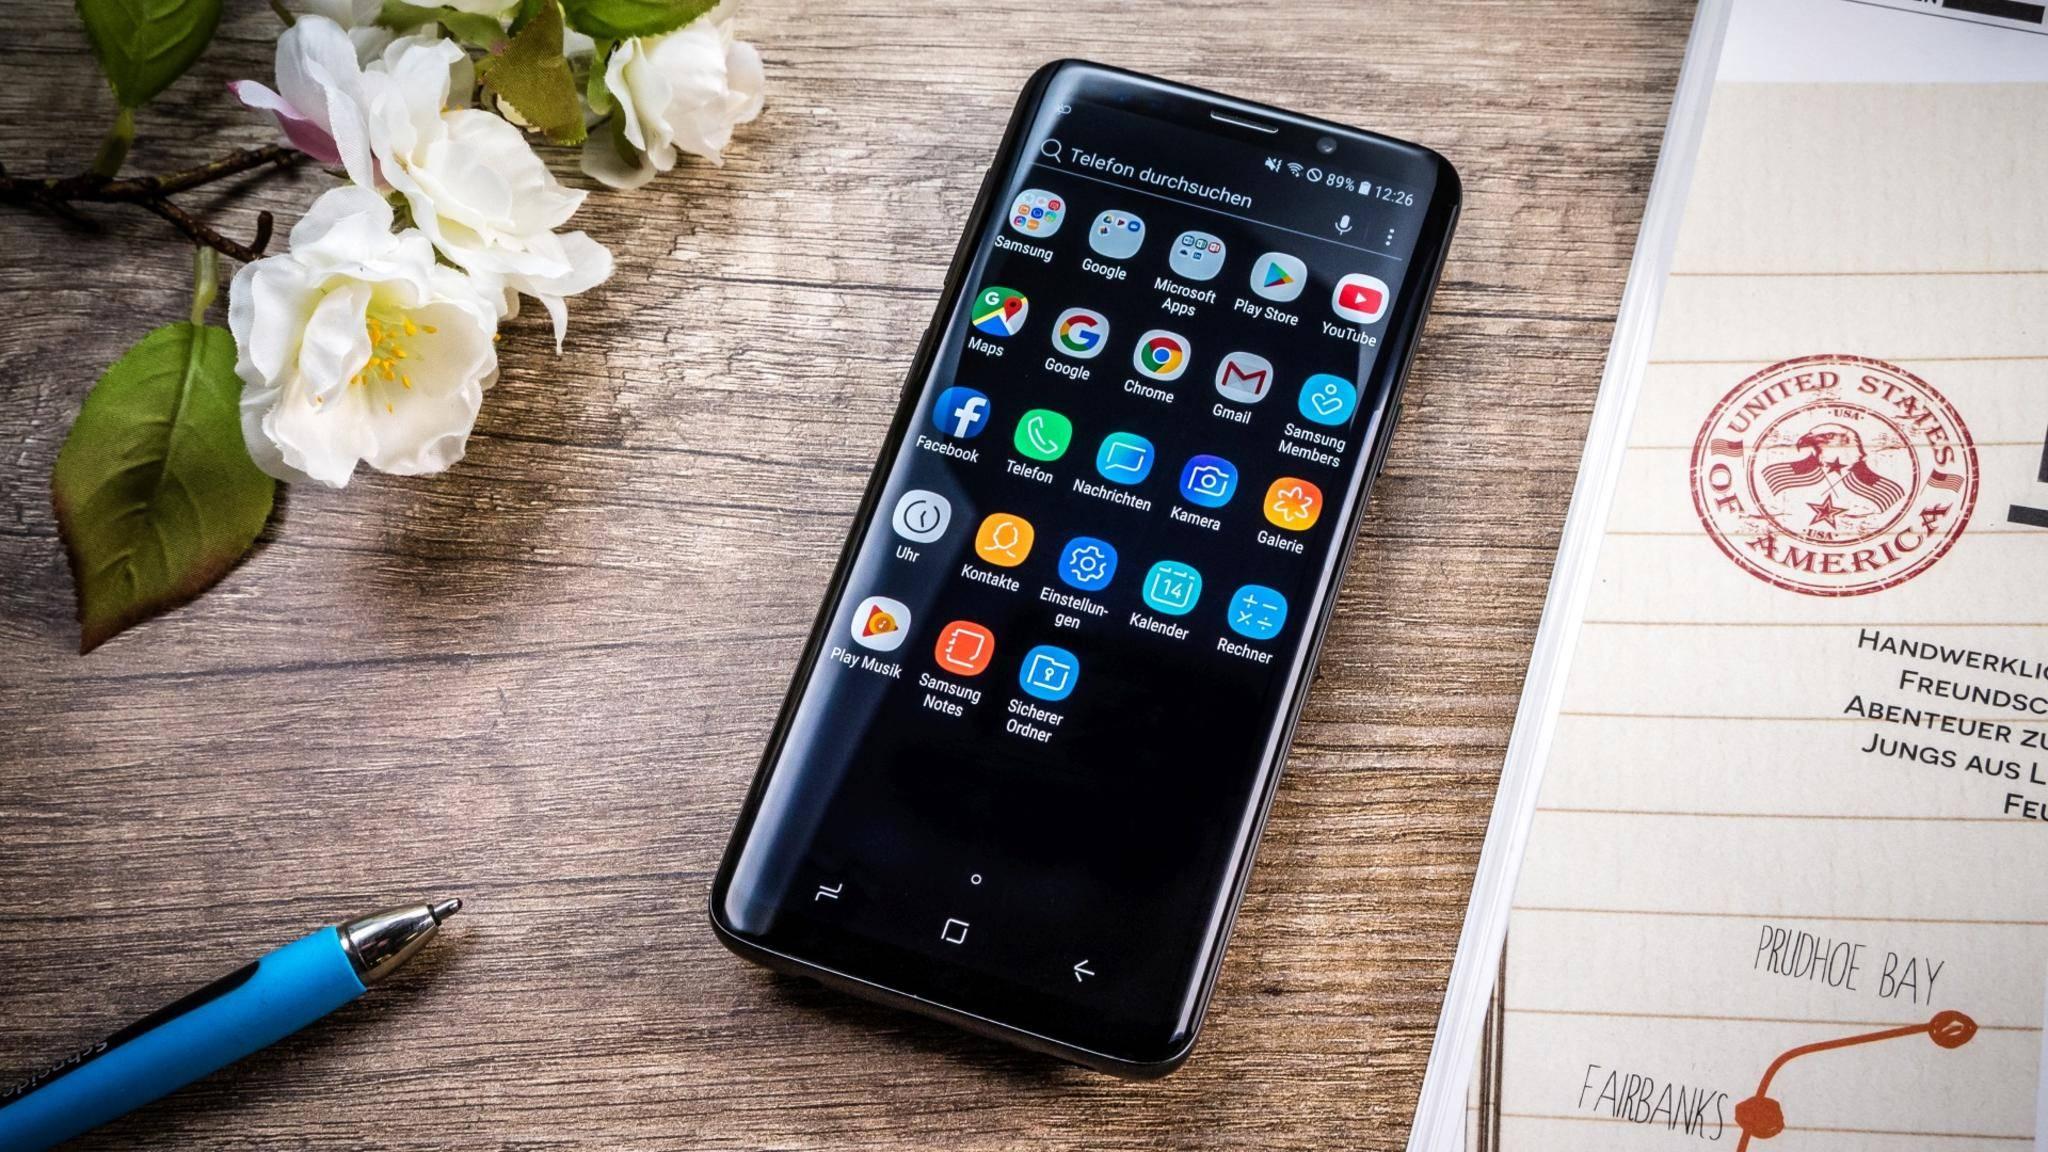 Das Galaxy S9 kostet 150 Euro mehr als damals das Galaxy S5 – und das sieht man auch.